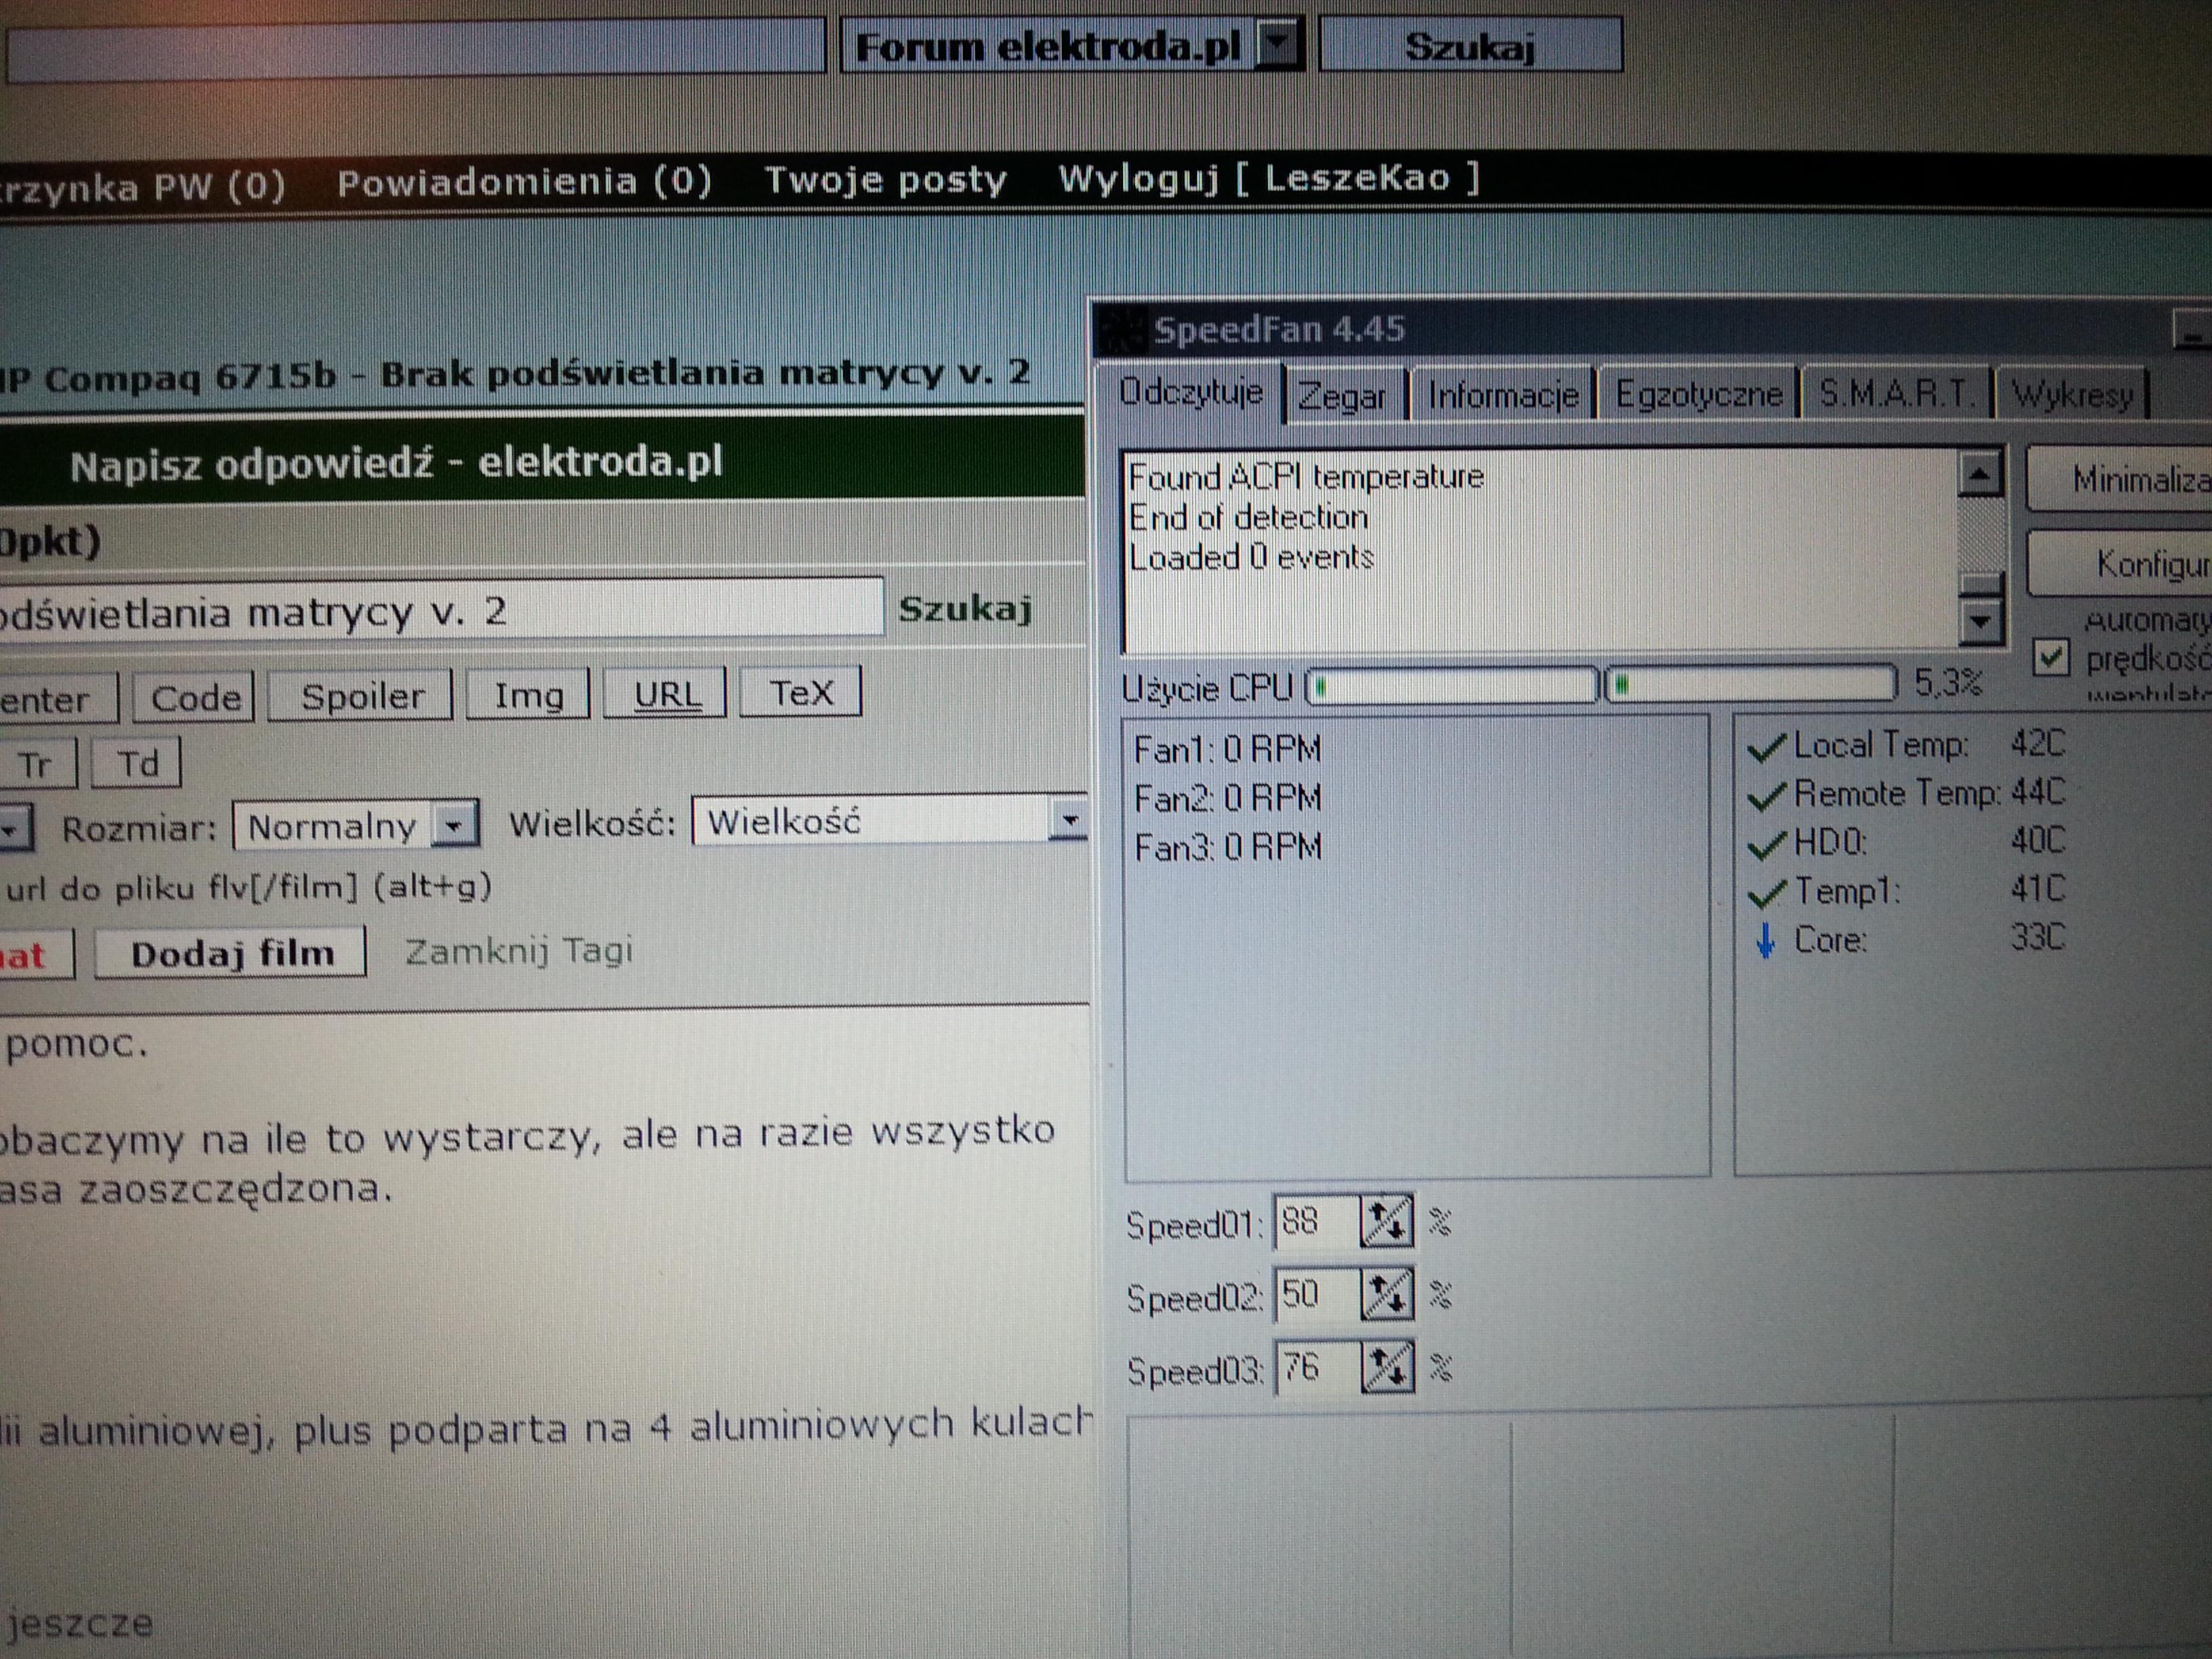 HP Compaq 6715b - Brak pod�wietlania matrycy v. 2